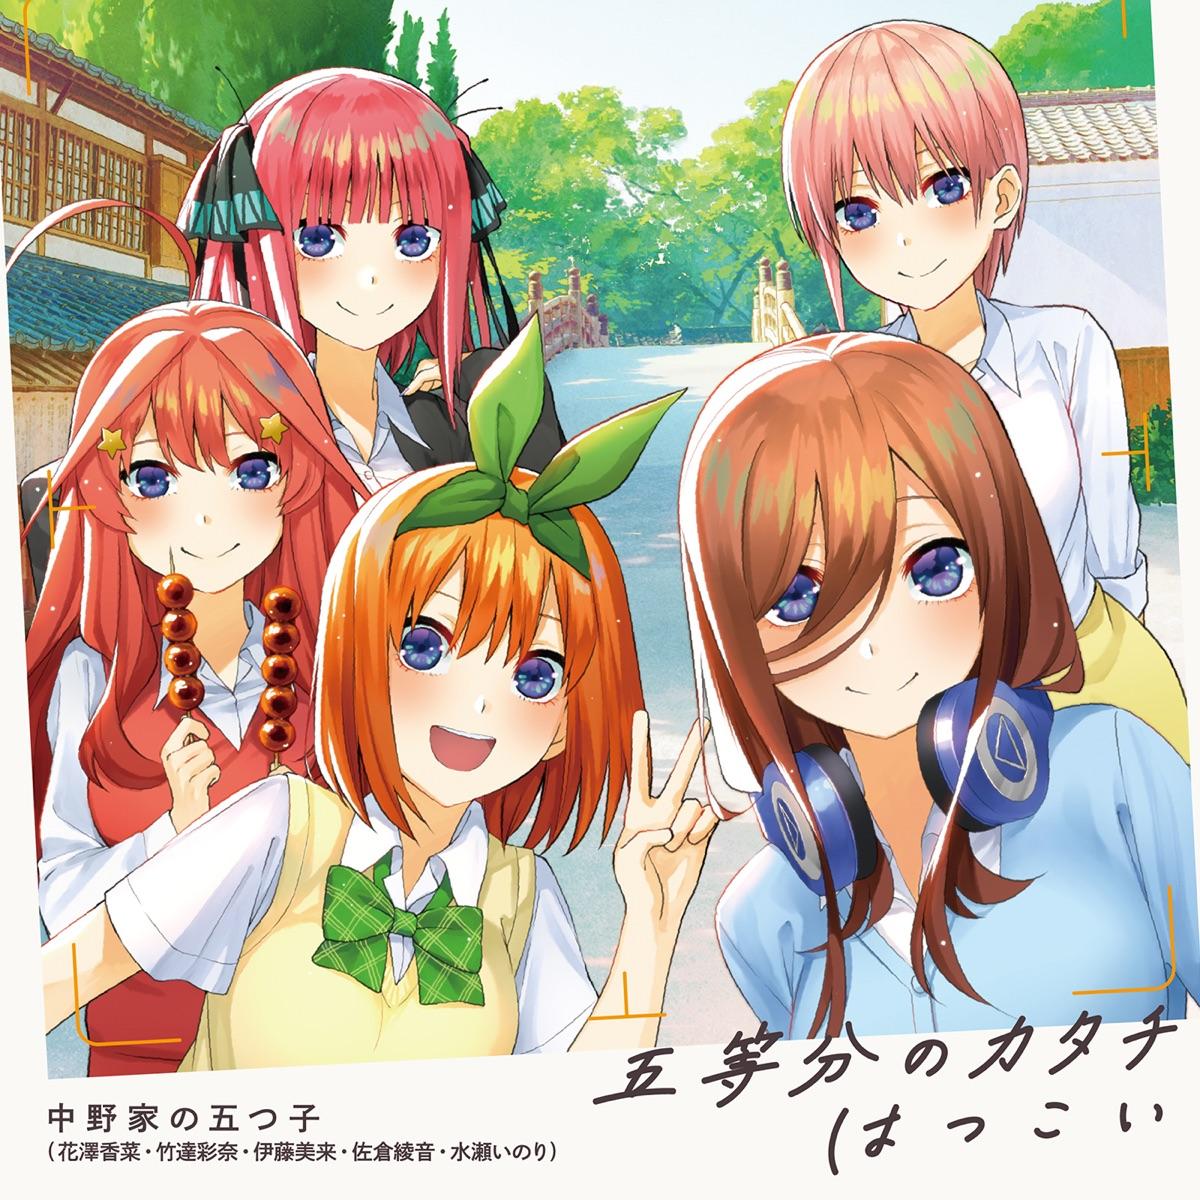 Cover for『Nakano-ke no Itsutsugo - Hatsukoi』from the release『Gotoubun no Katachi / Hatsukoi』